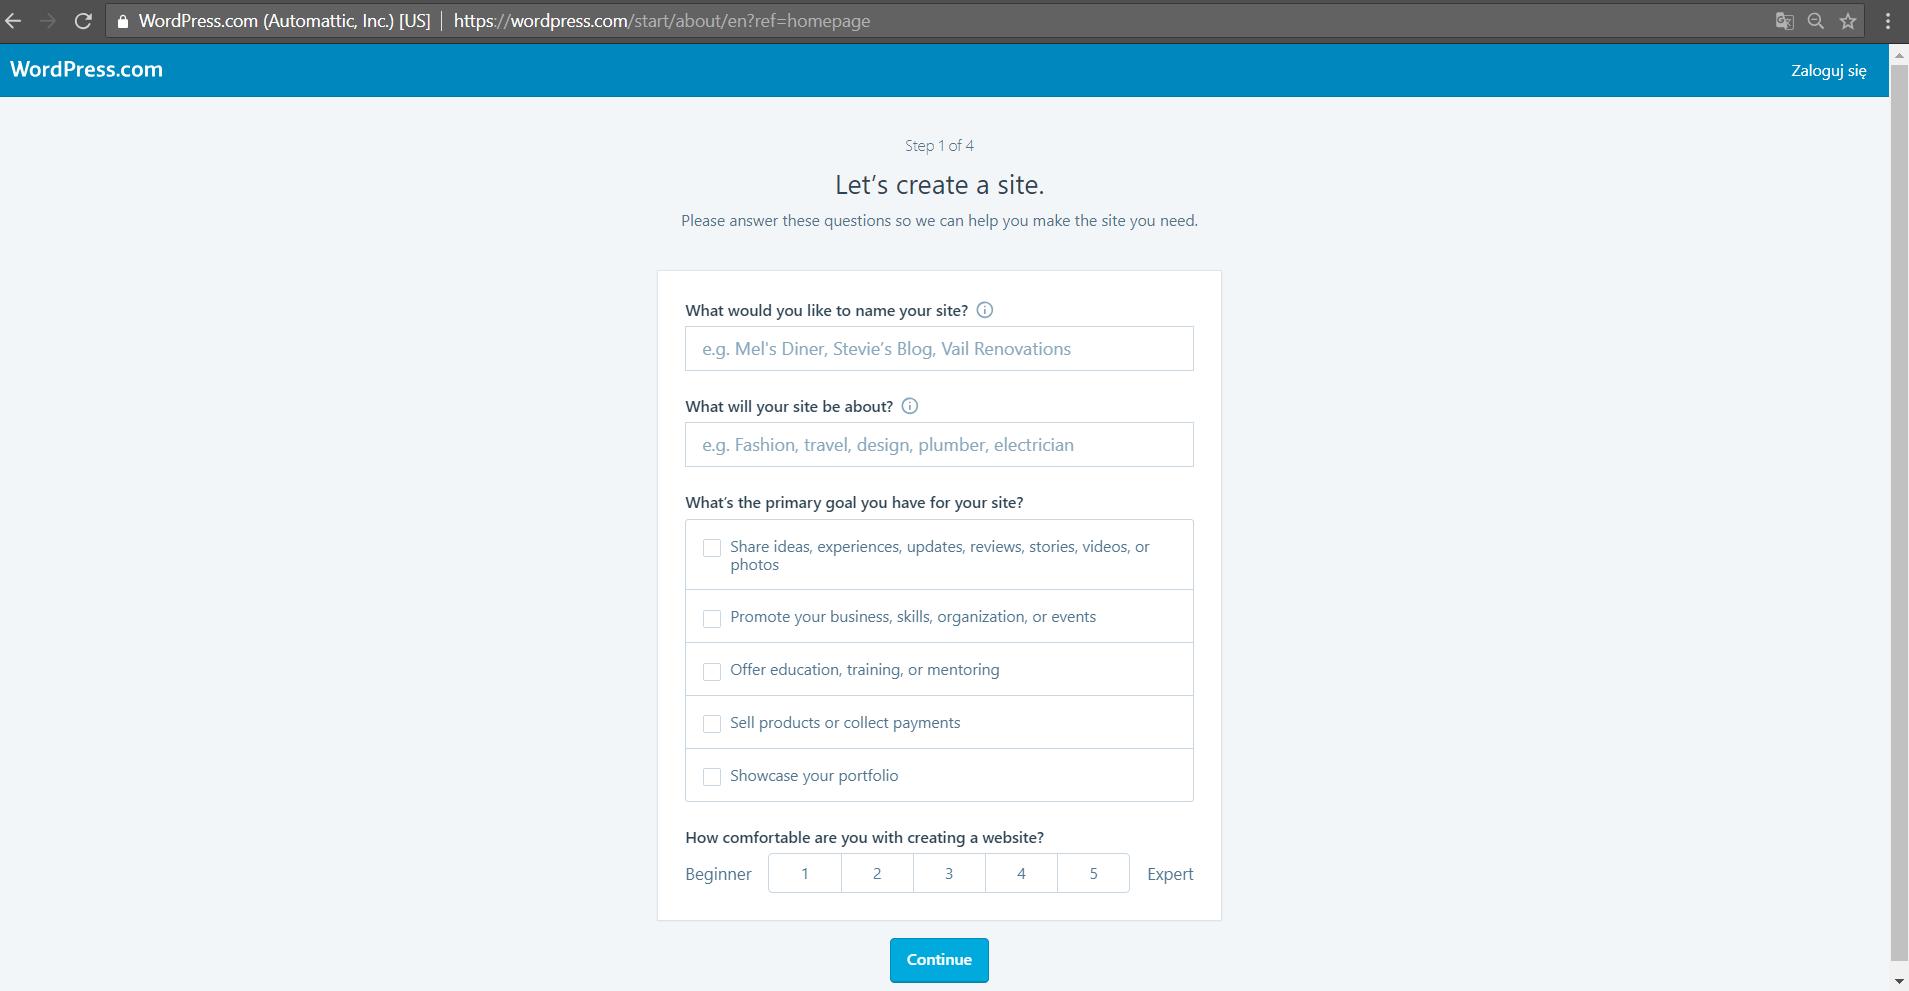 wordpress.com setup